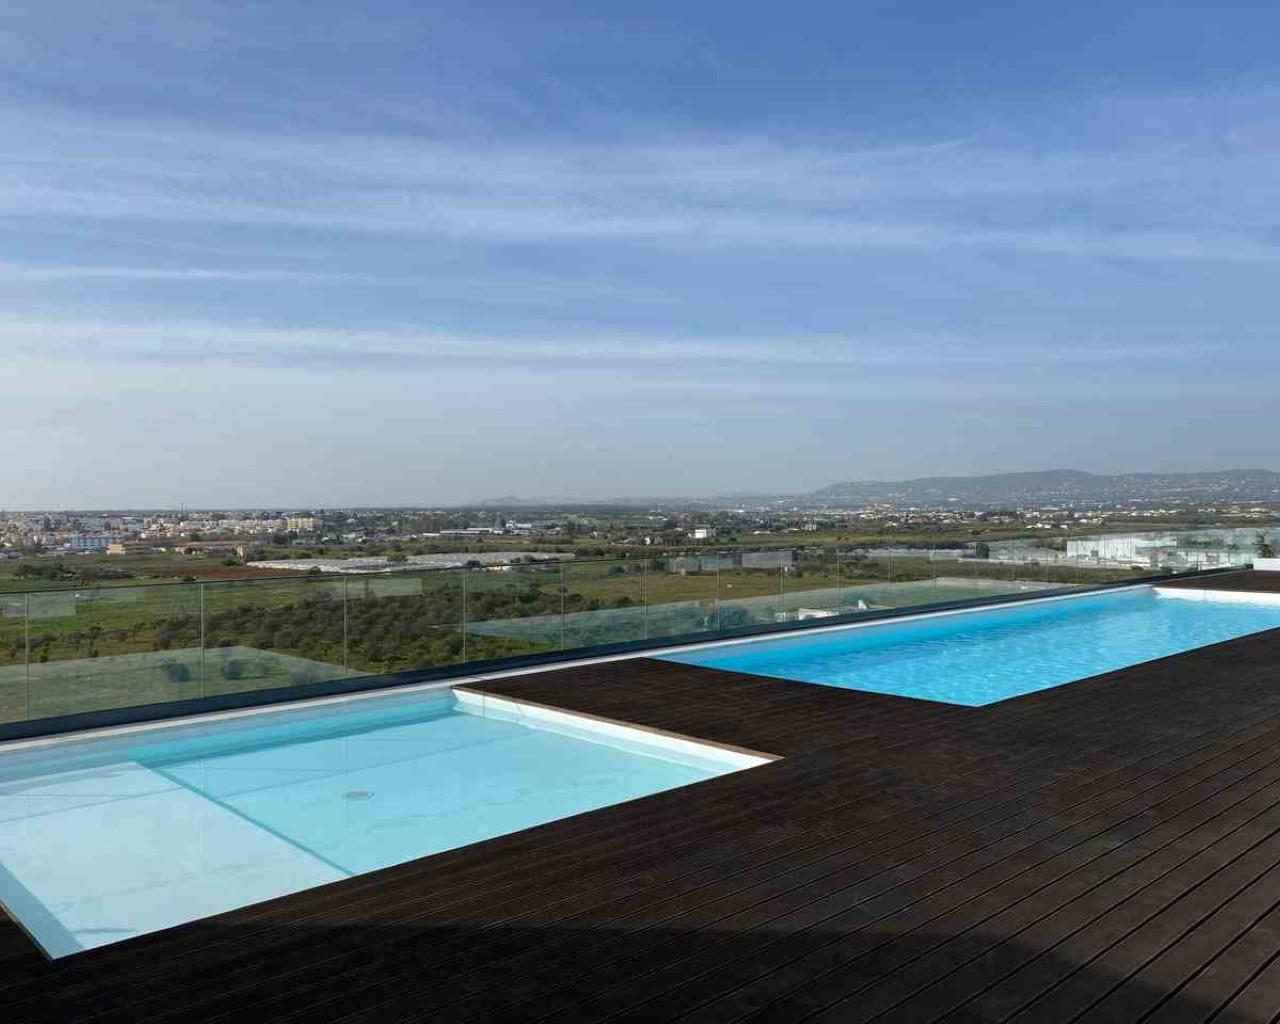 Faro-Lux_Terrace - Pool